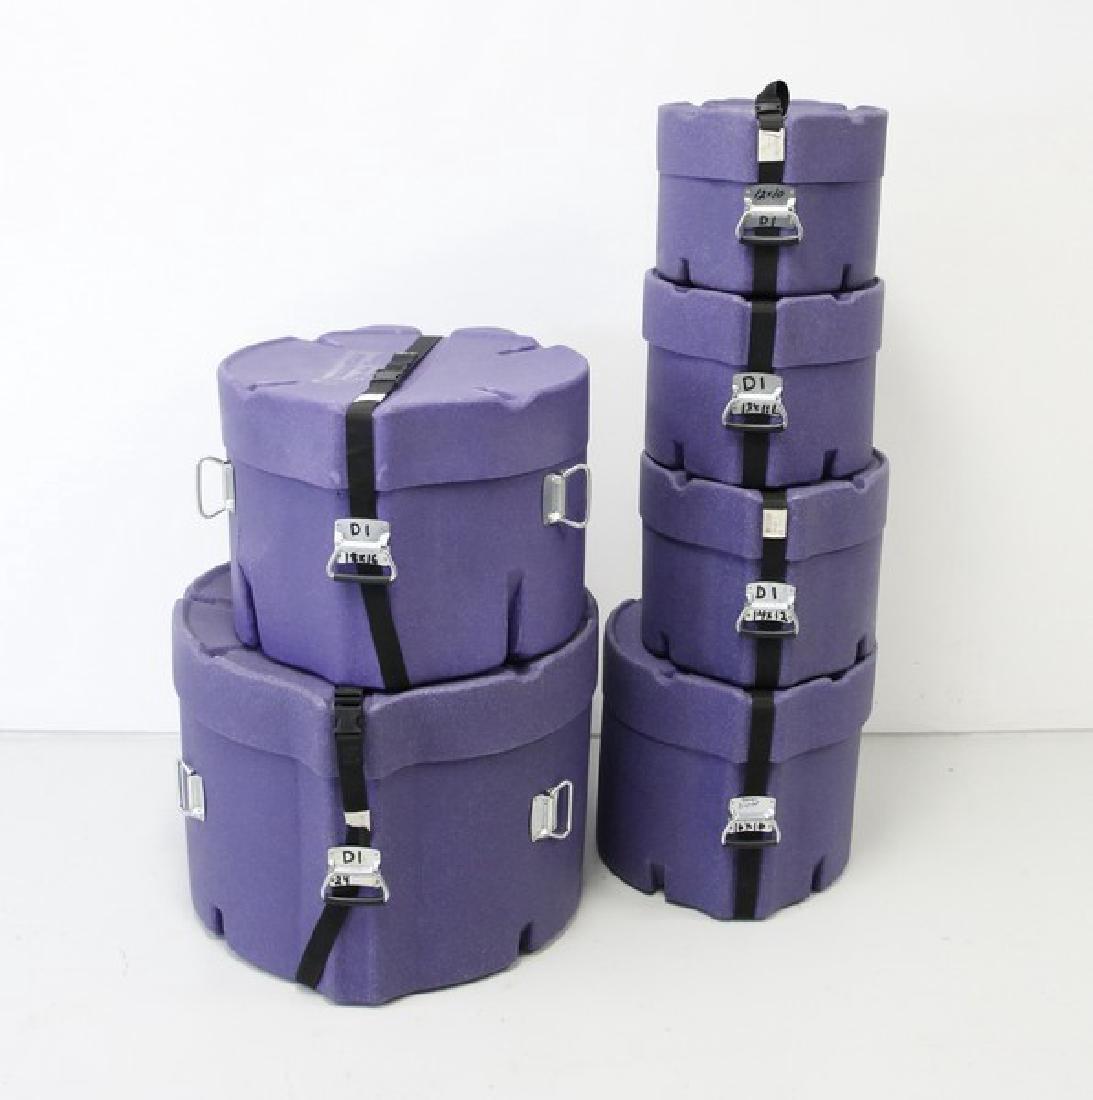 Elite Air Series Hard Drum Cases